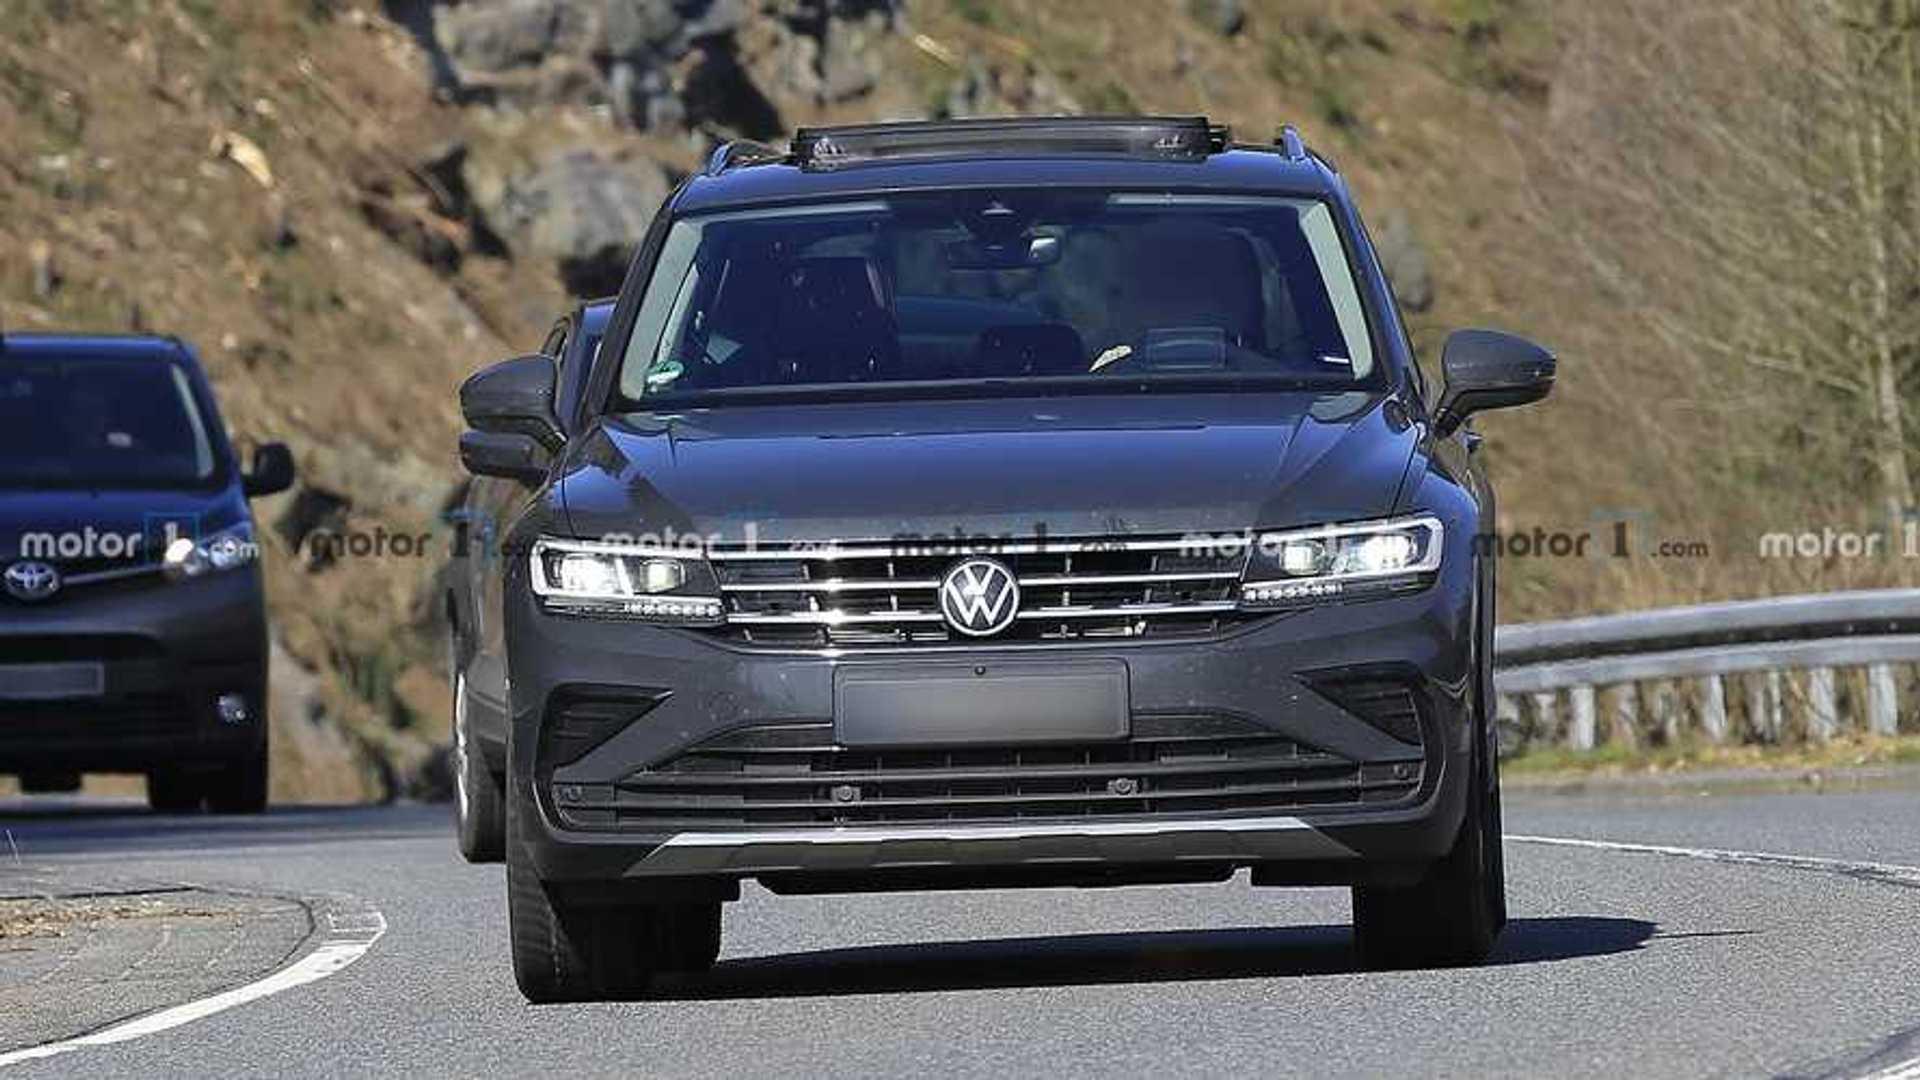 Novo Volkswagen Tiguan 2021 Mostra Frente De Golf 8 Em Teaser